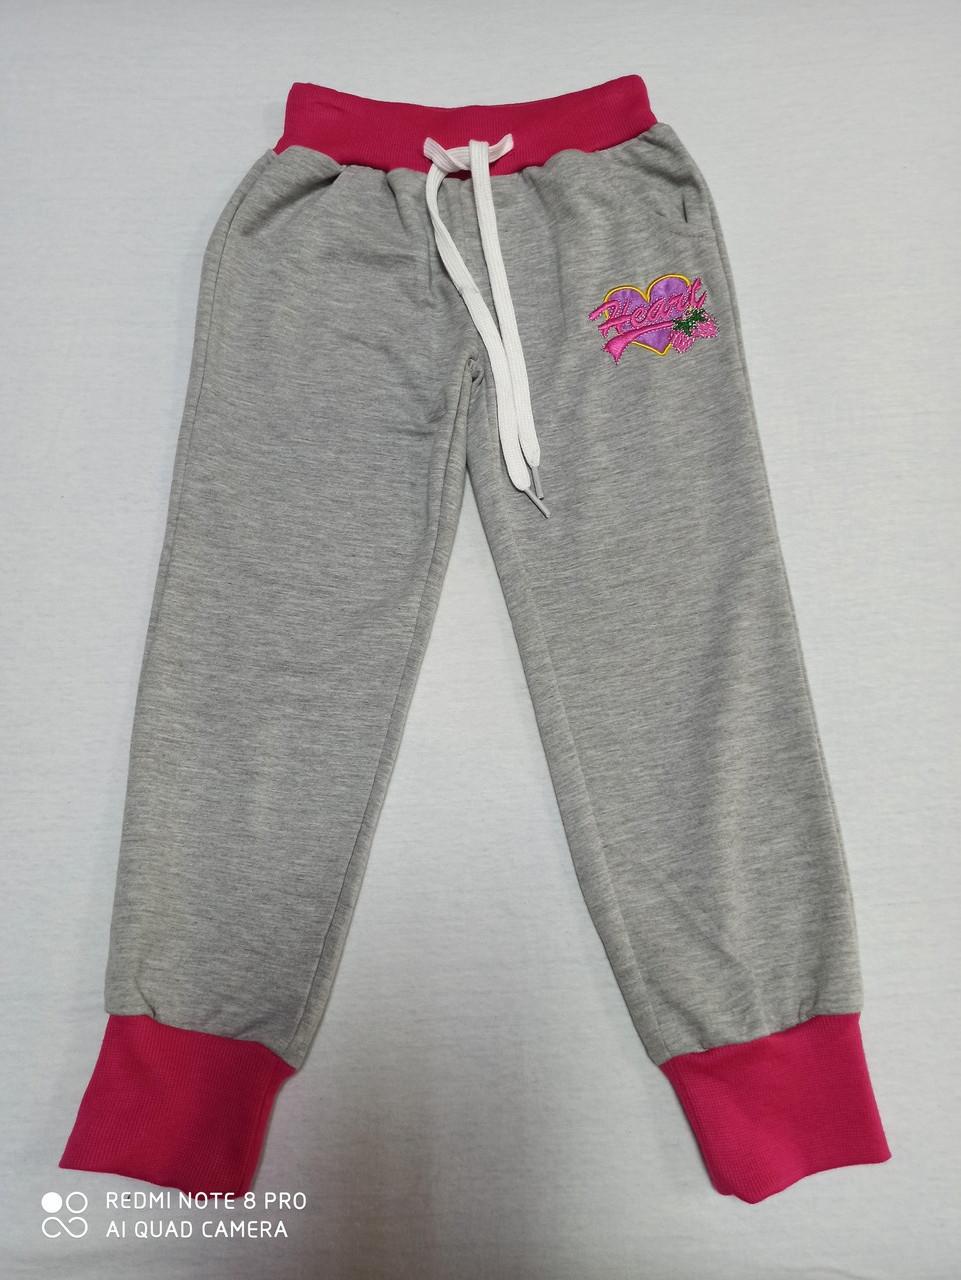 Спортивные штаны серого цвета с вышивкой на манжете для девочки.  Размеры 92.98.104 рост.